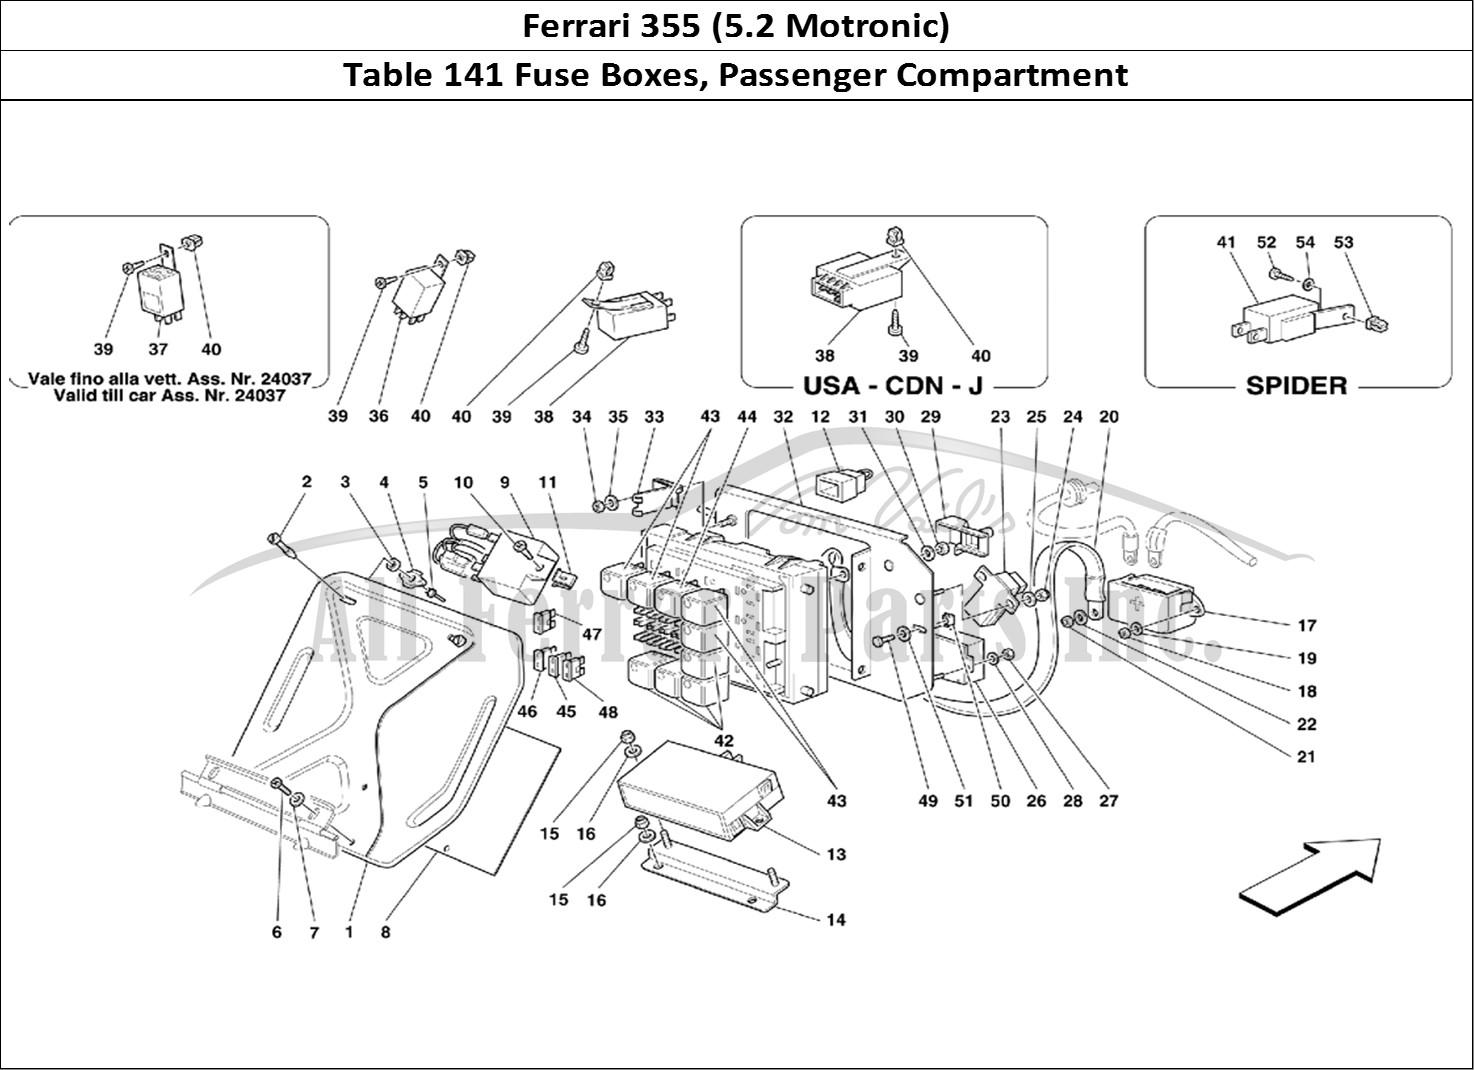 Buy Original Ferrari 355 5 2 Motronic 141 Fuse Boxes